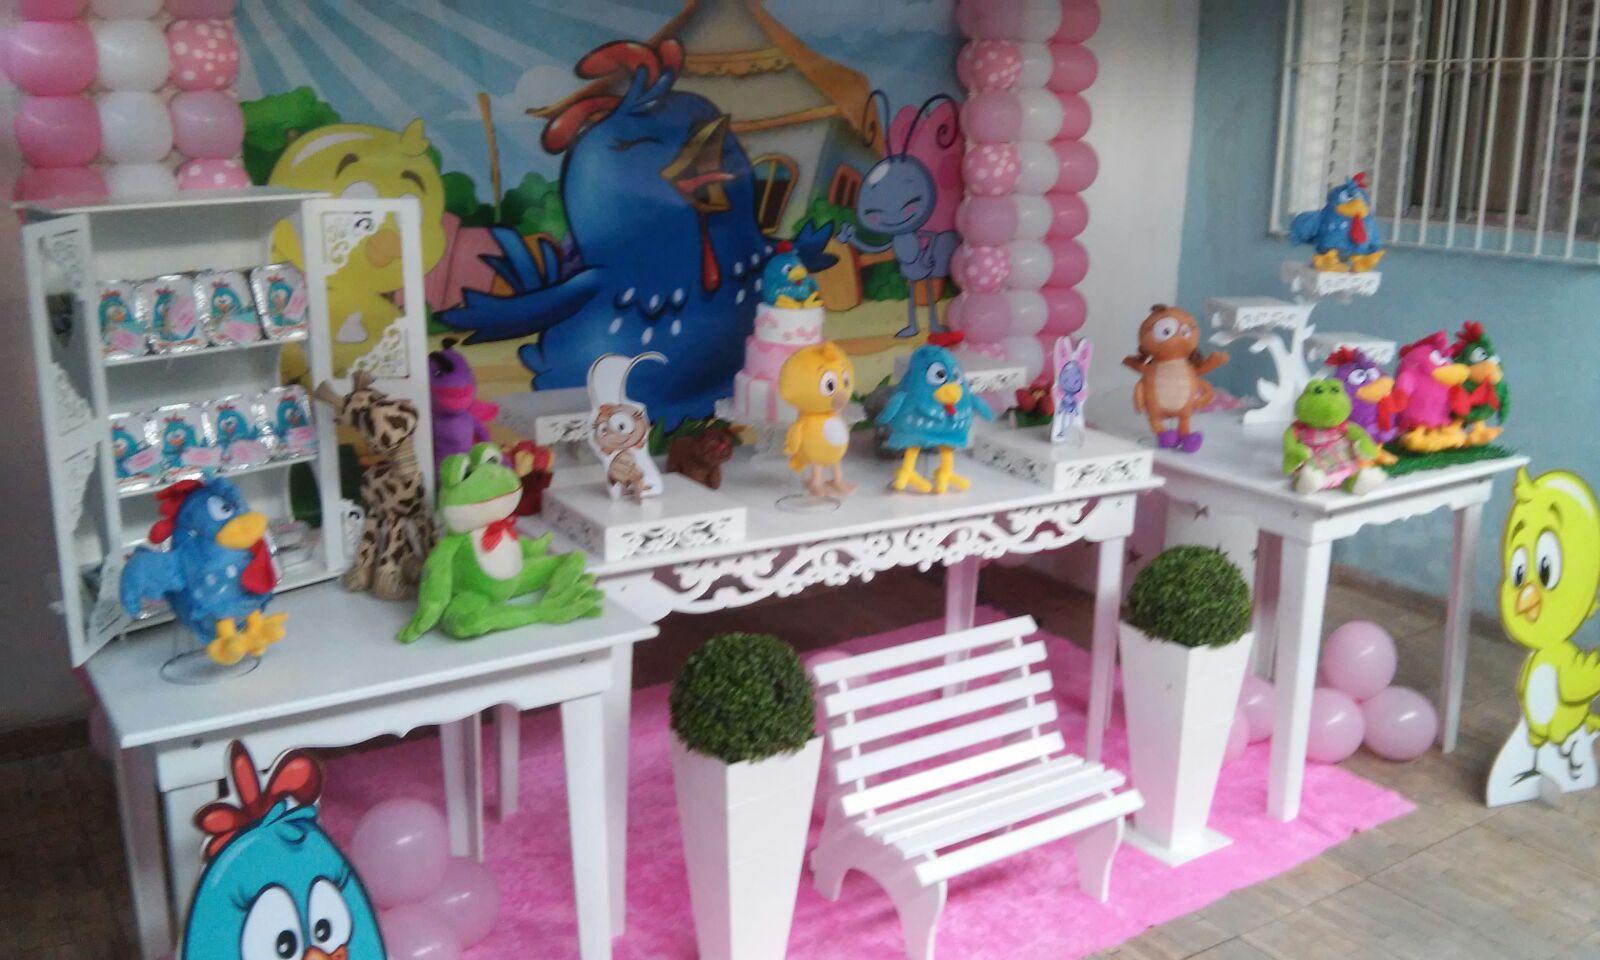 DECORA u00c7ÃO GALINHA PINTADINHA ROSA ELAINE CRISTINA DA SILVA XAVIER Elo7 -> Decoração De Festa Infantil Da Galinha Pintadinha Rosa